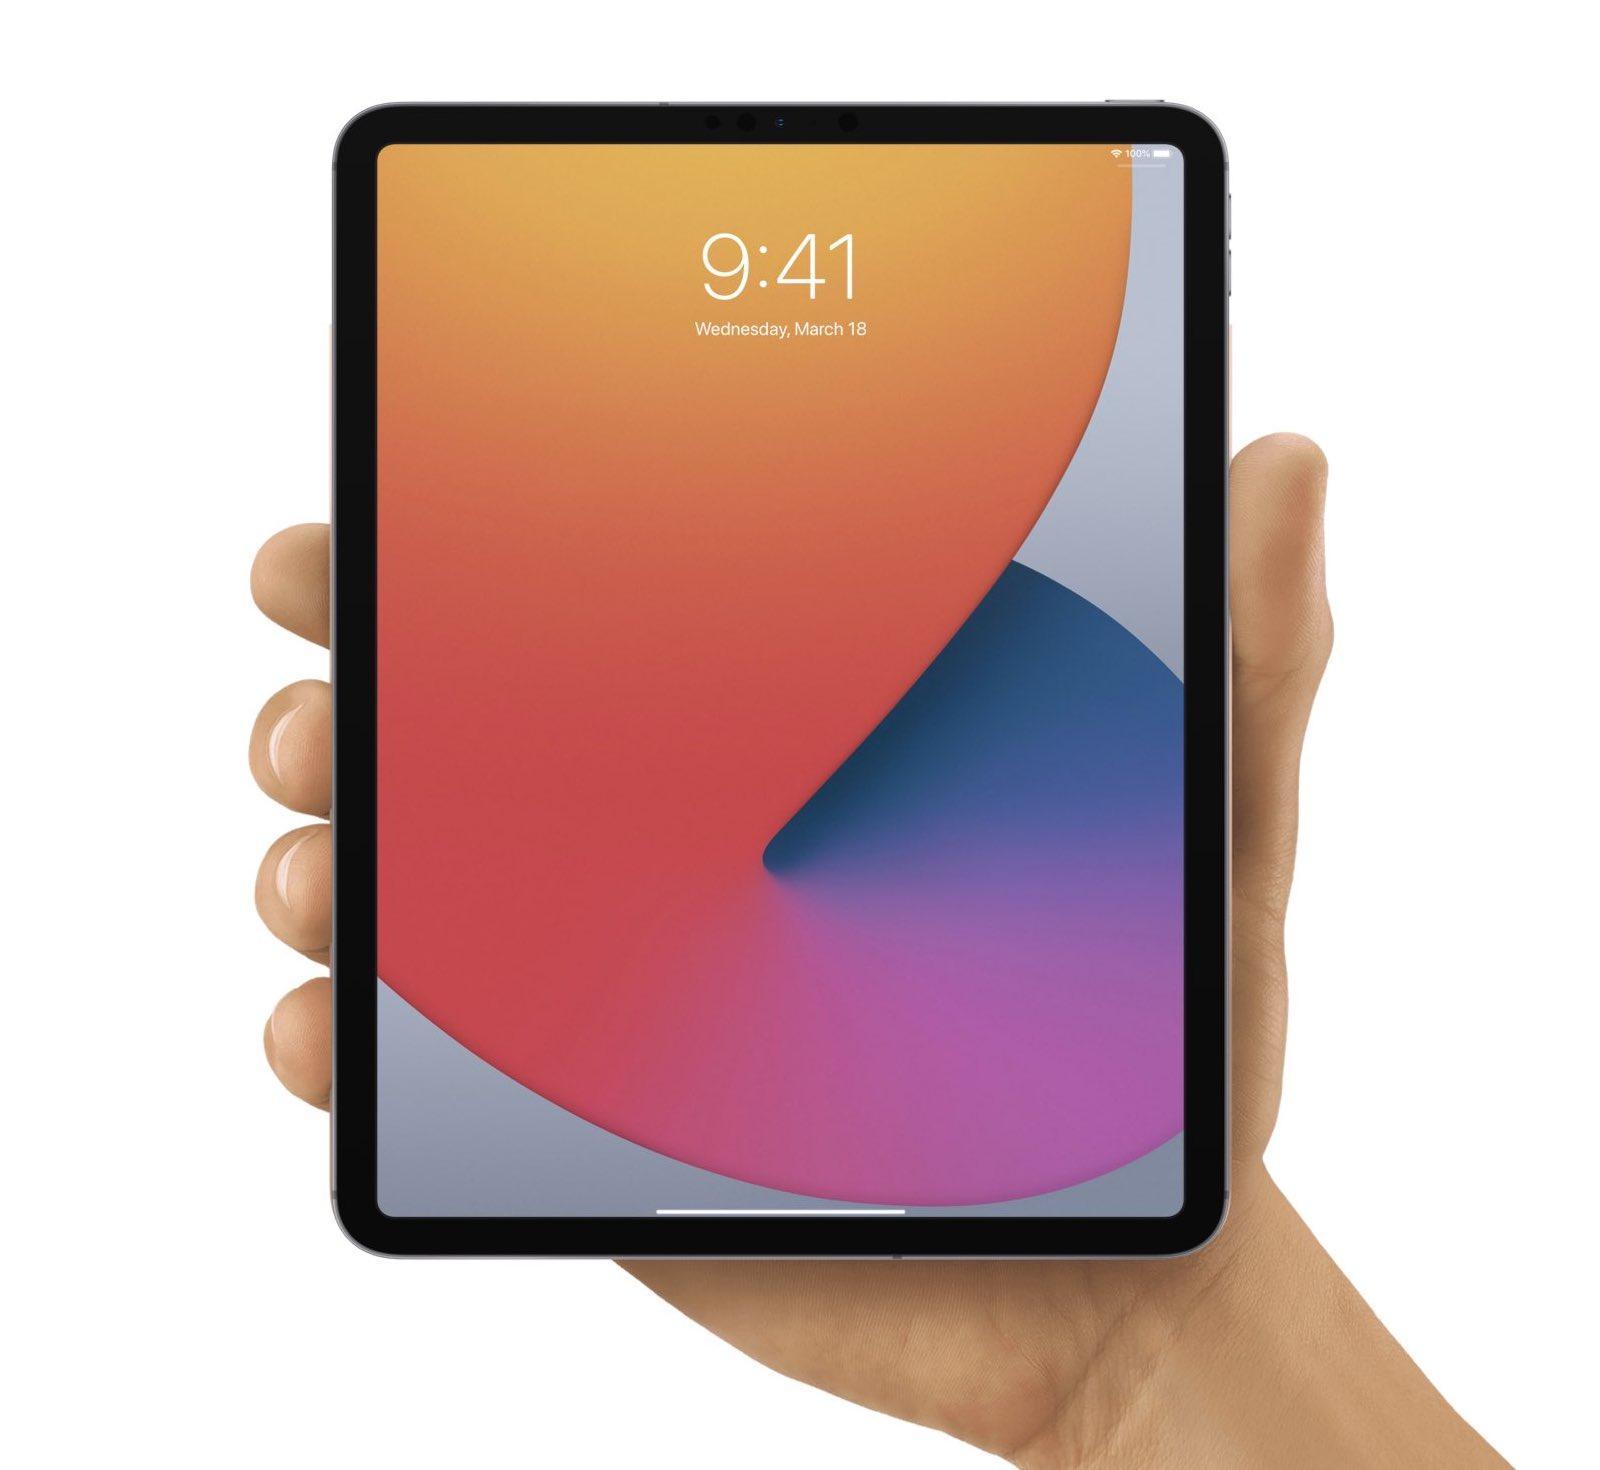 Новые изображения iPad mini 6 указывают на поддержку Apple Pencil 2го поколения